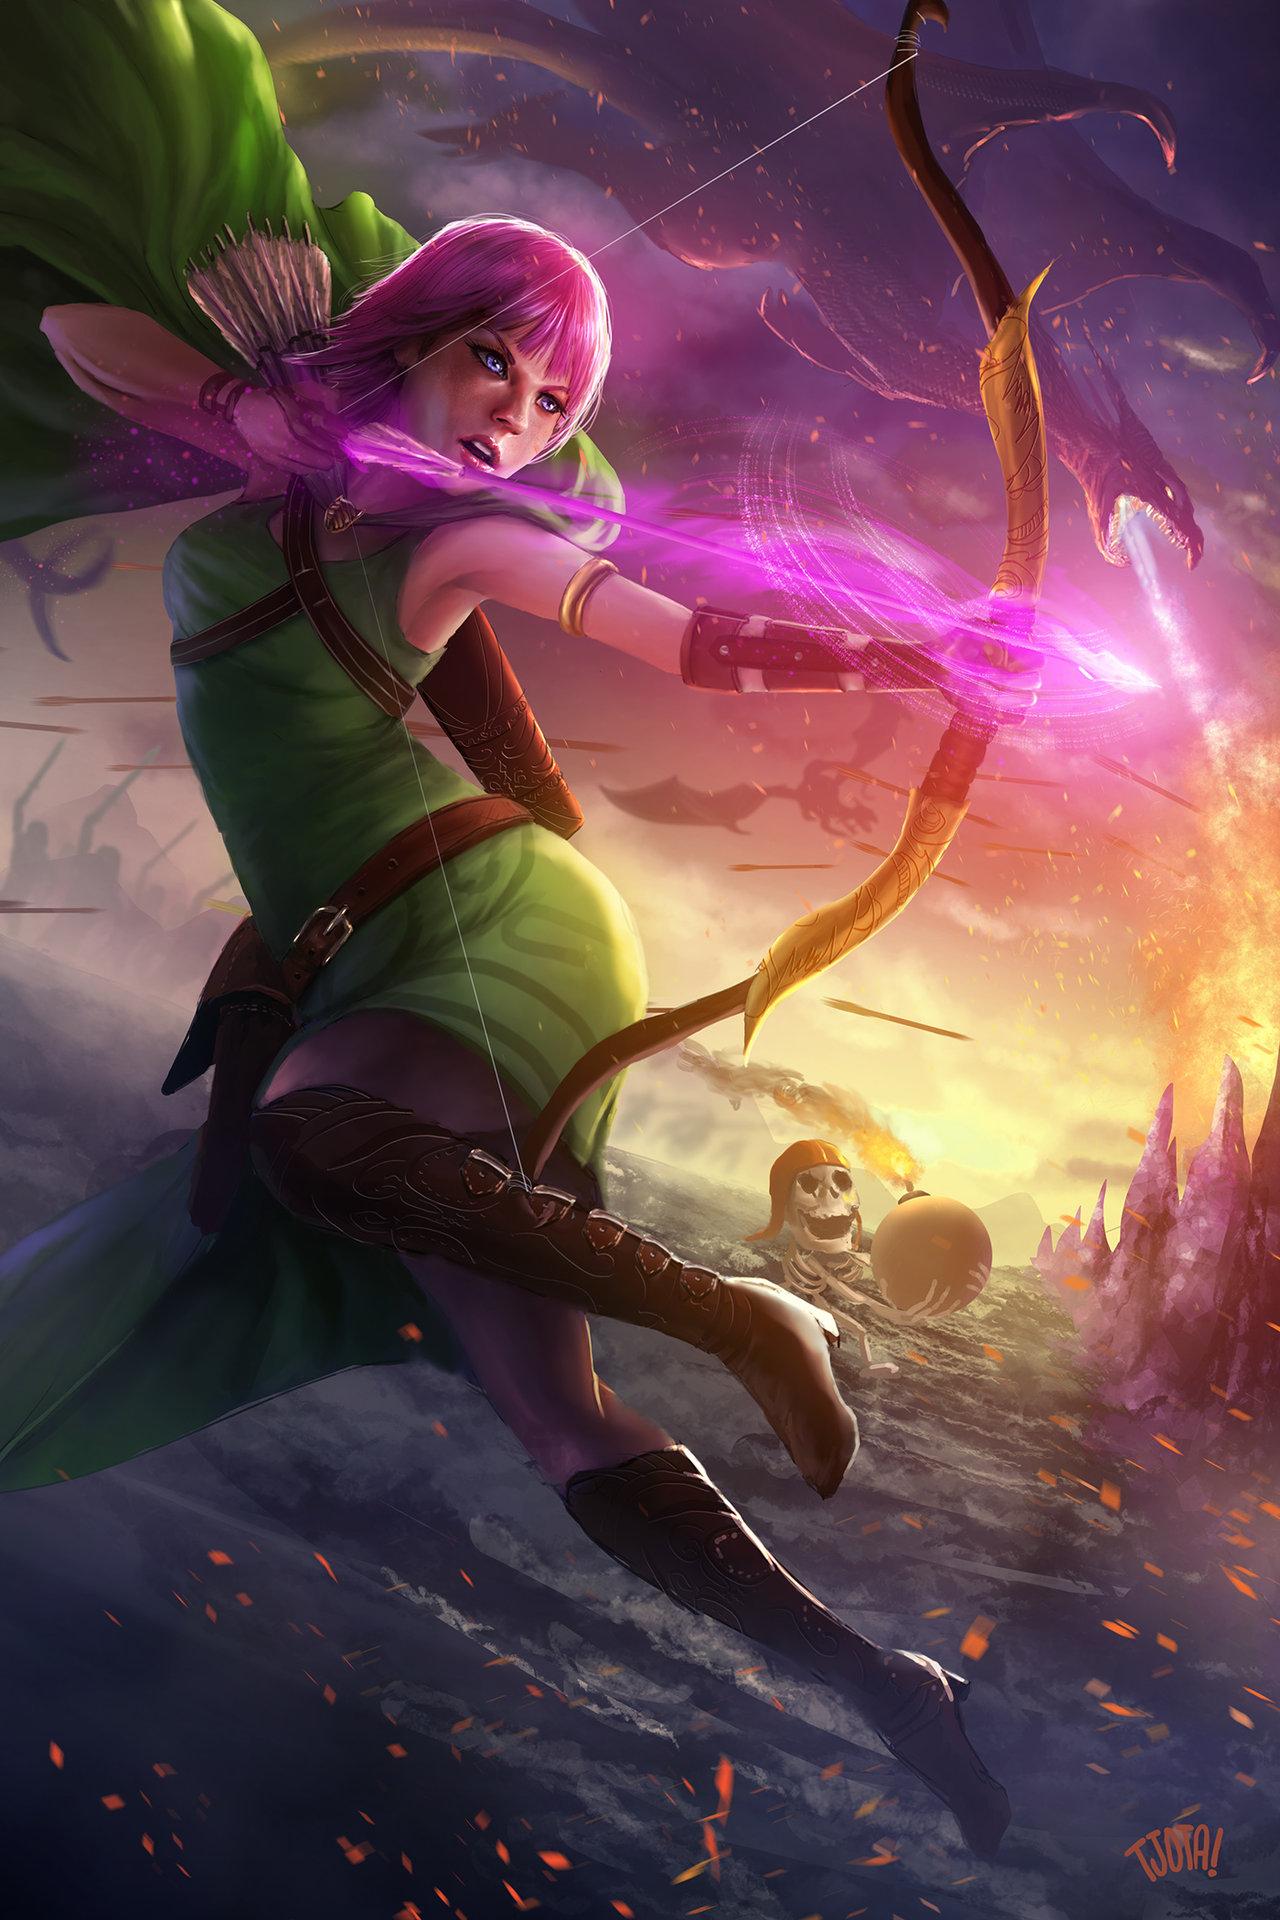 Artstation coc archer jackson tjota the making of clash of clans archer fan art stopboris Images